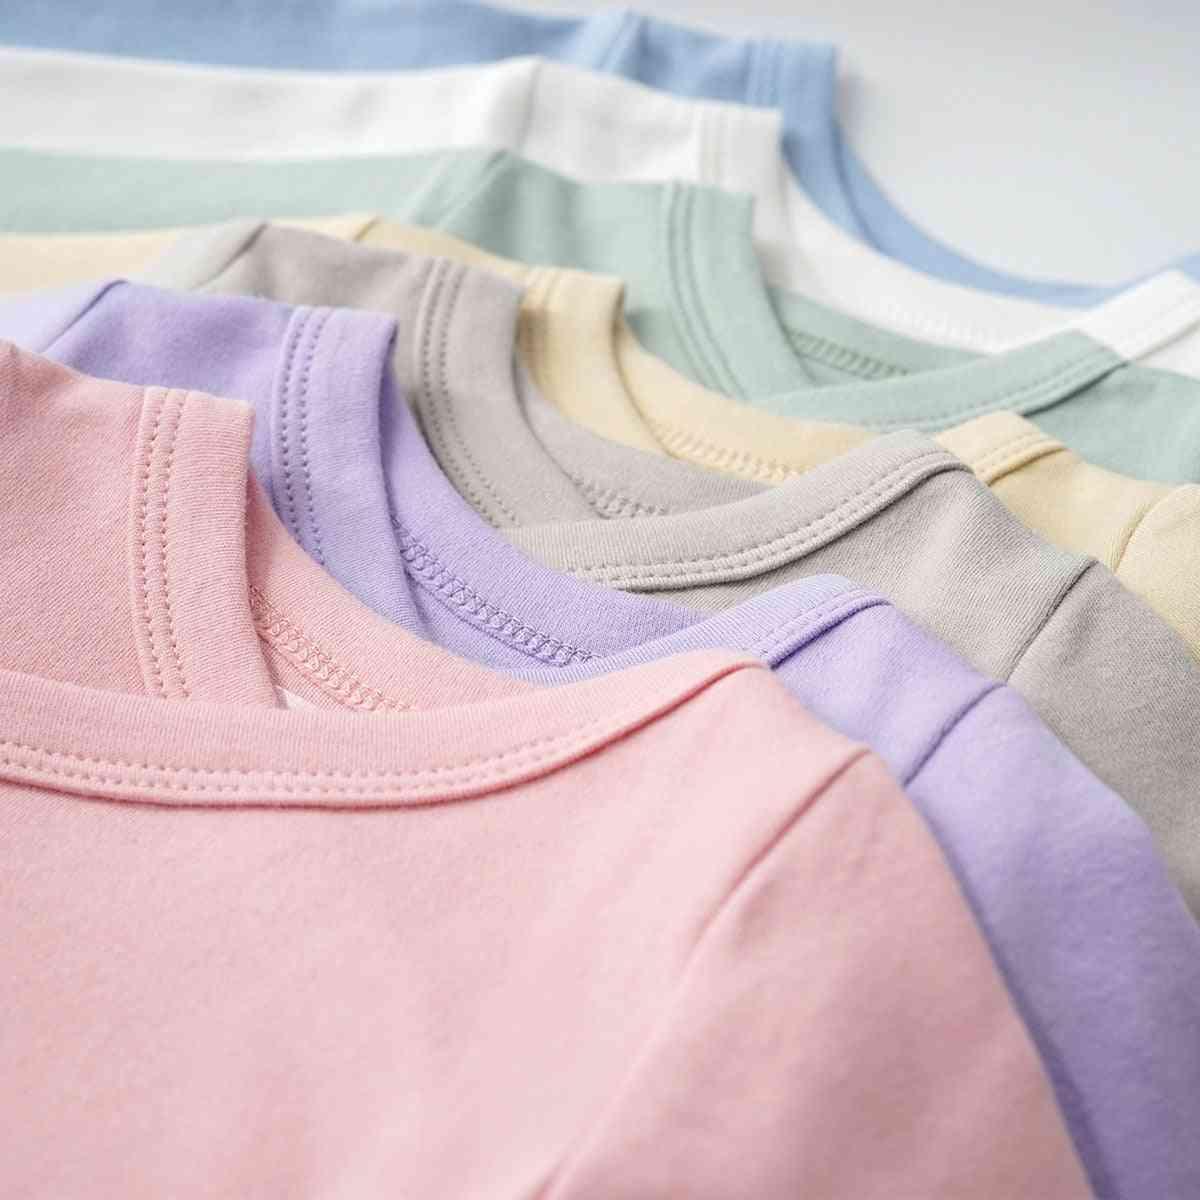 Kids Underwear 100% Cotton New Born Underwear T-shirts